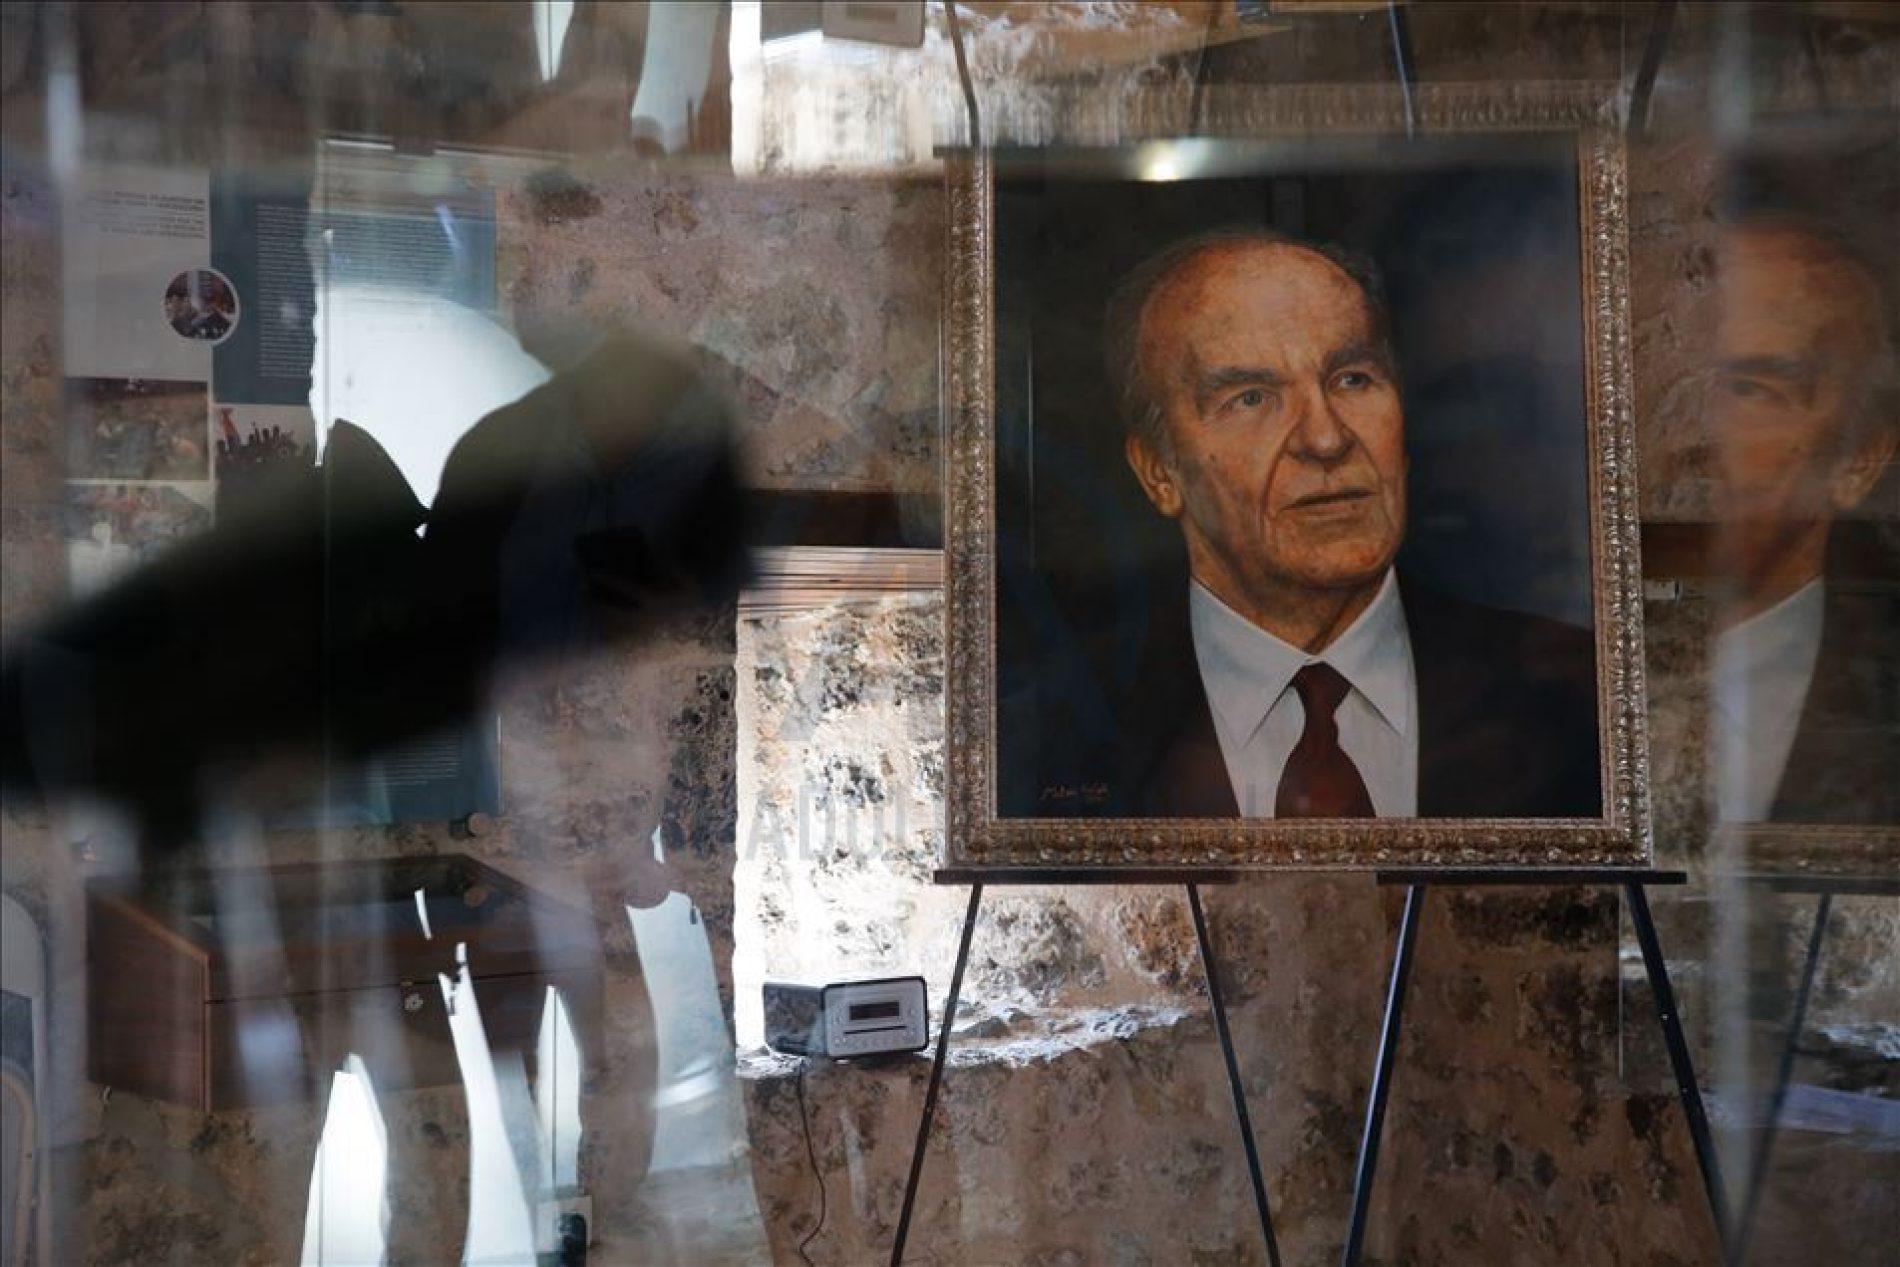 Obilježavanje 95. rođendana: Alija Izetbegović bio je intelektualac i lider jednako priznat i na Istoku i na Zapadu